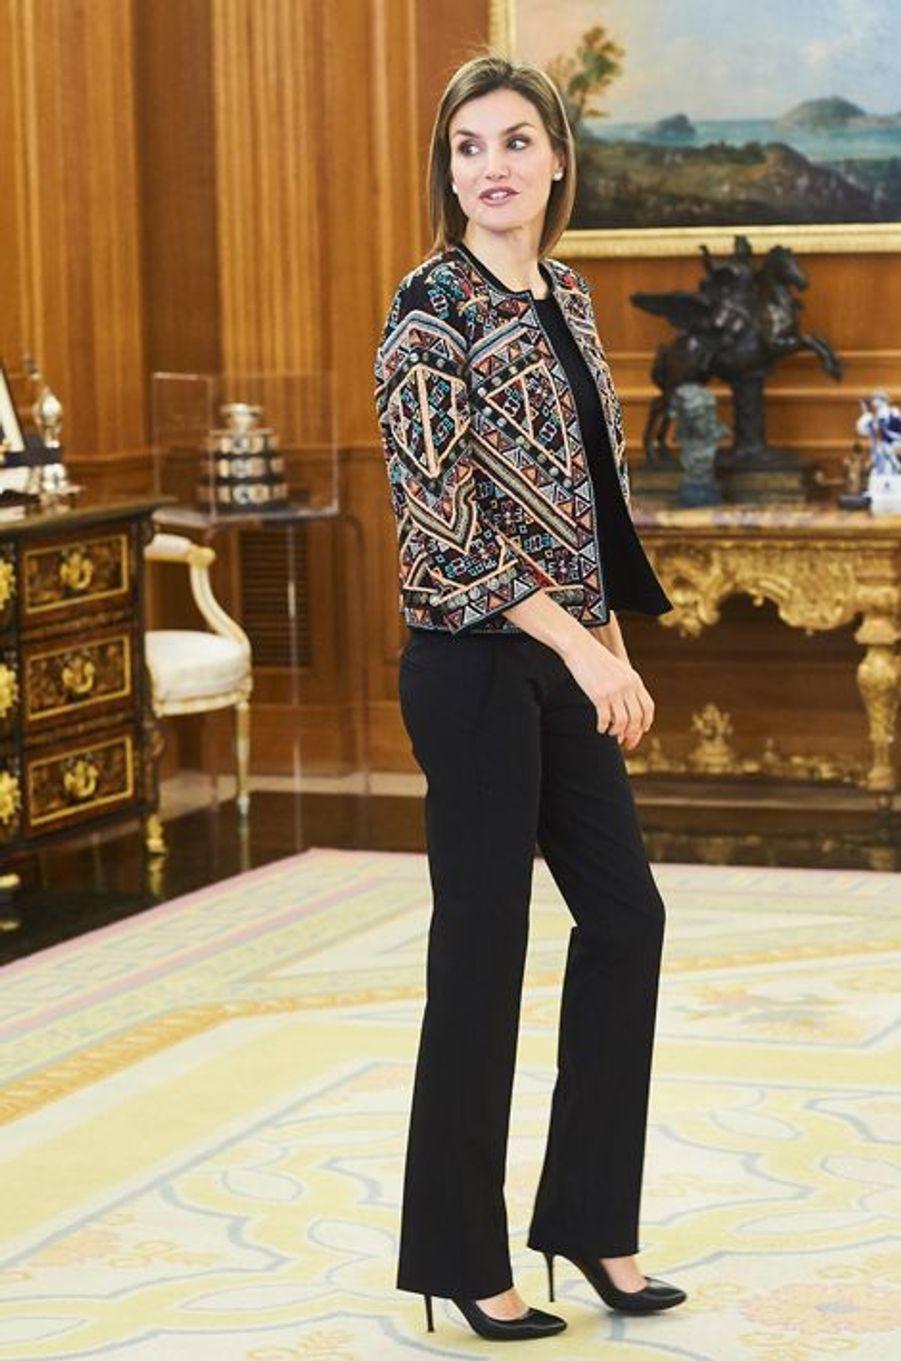 La reine Letizia d'Espagne au palais de la Zarzuela à Madrid, le 16 décembre 2015